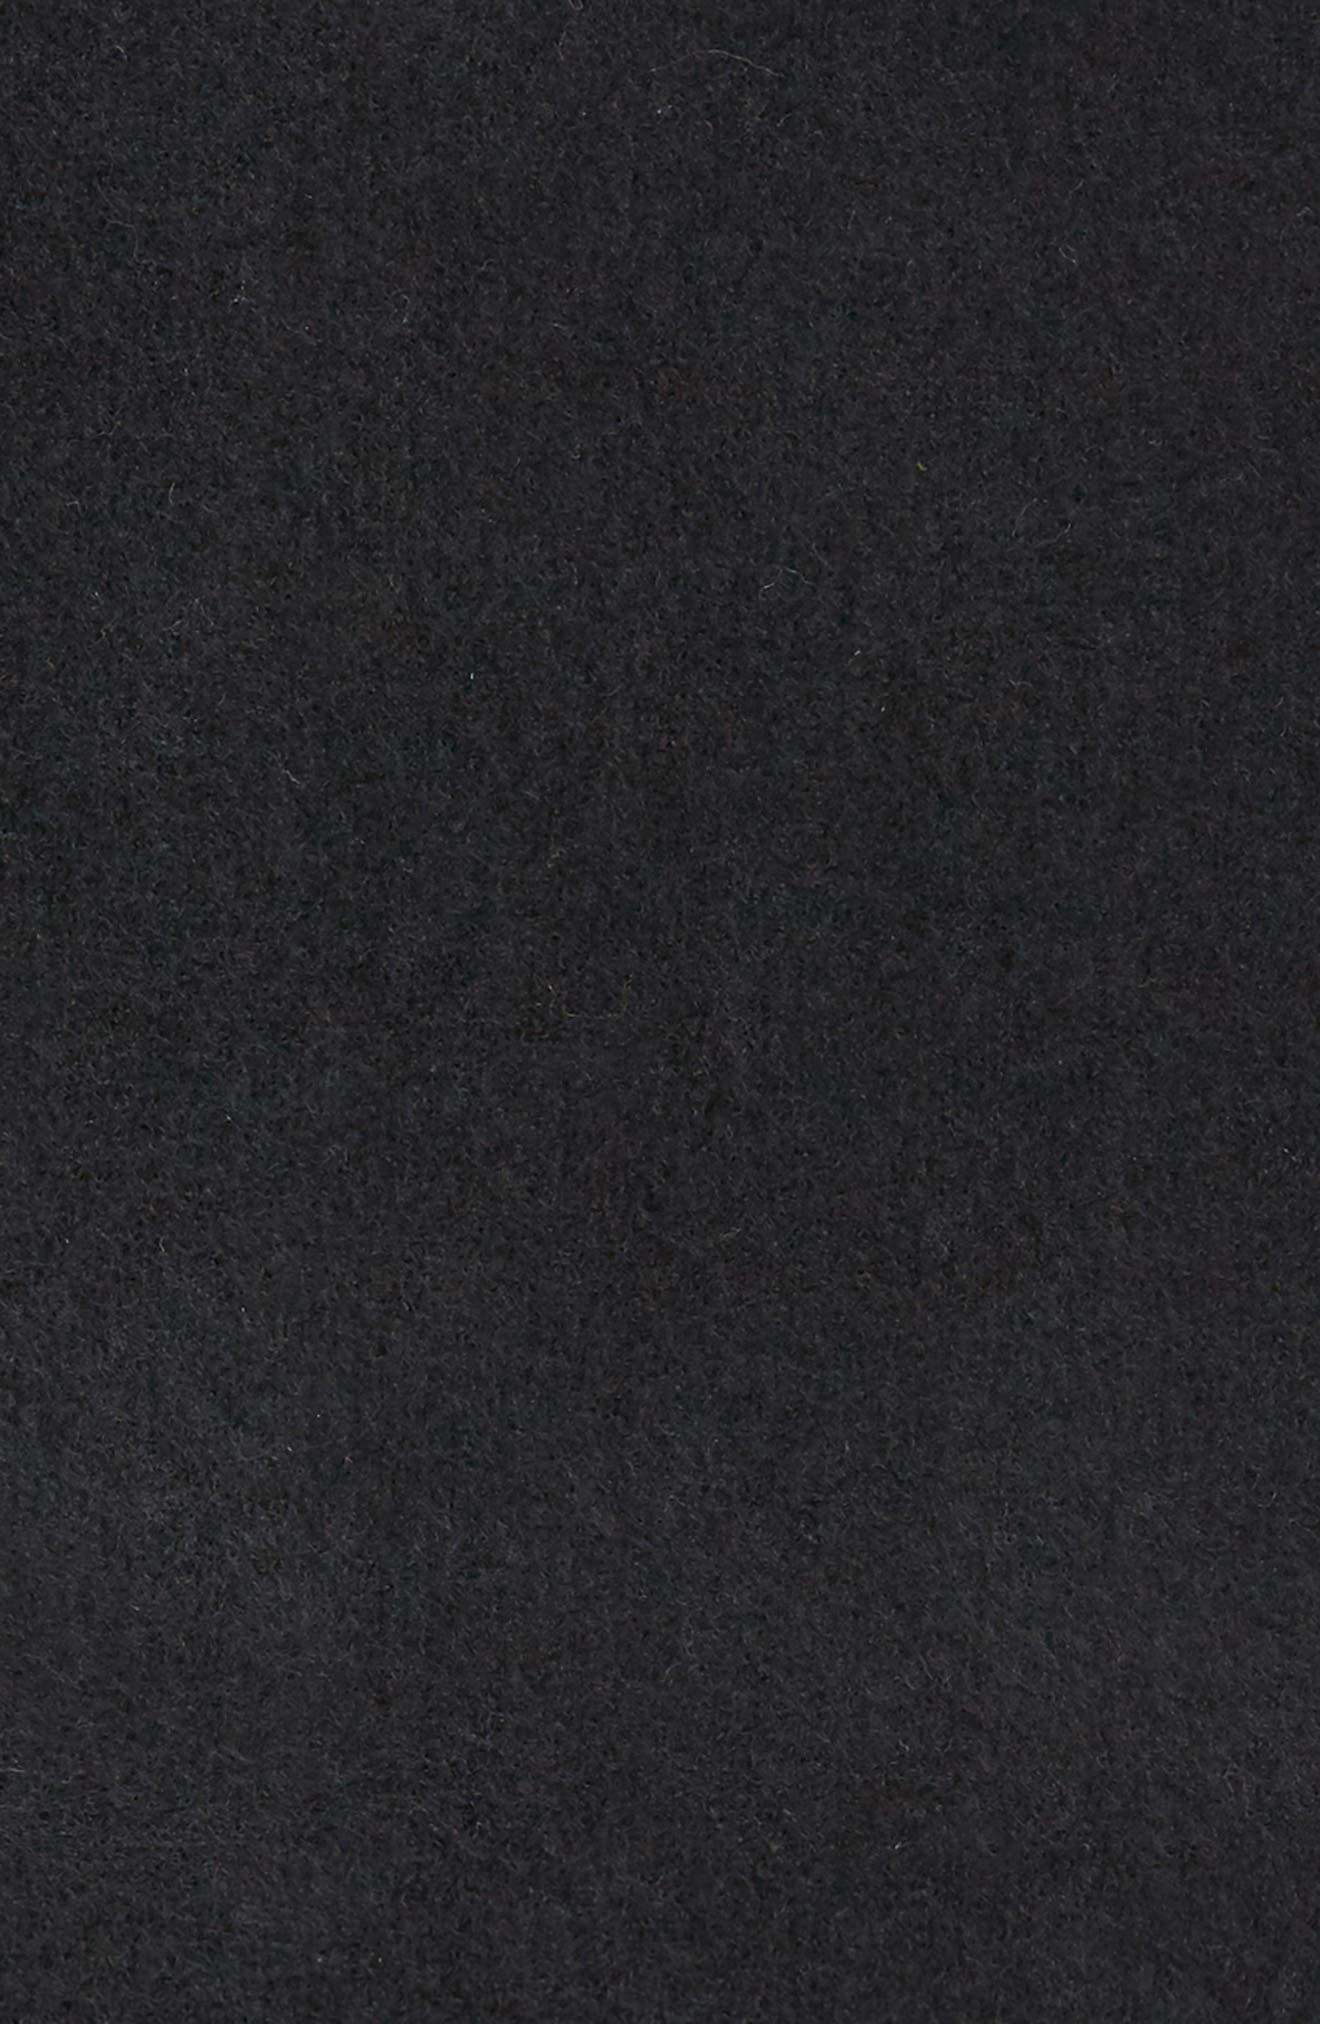 Cashmere Blend Cowl Scarf,                             Alternate thumbnail 4, color,                             001